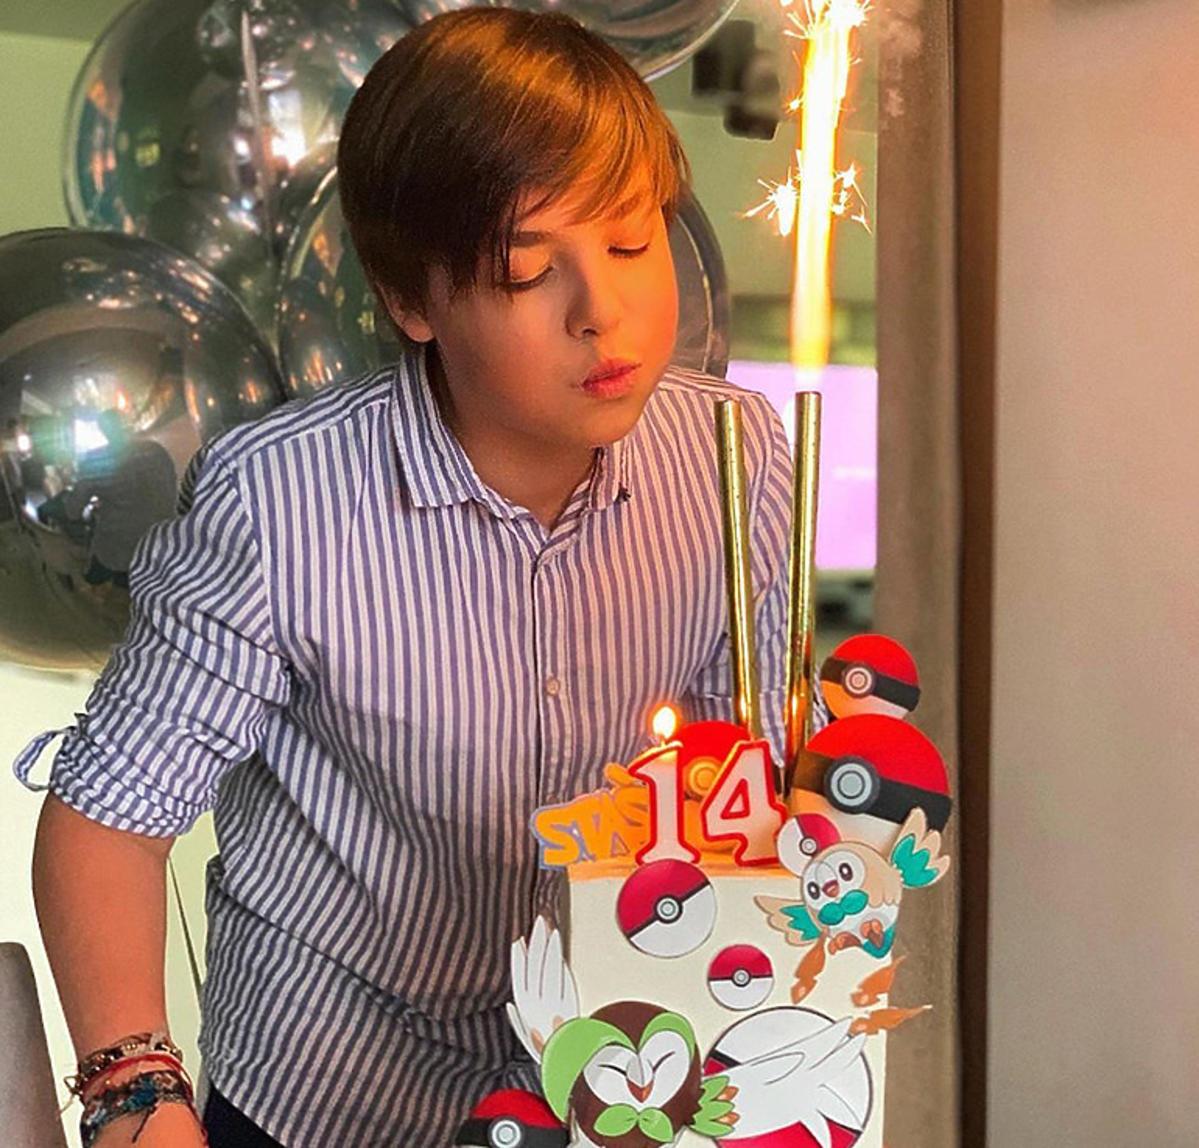 Małgorzata Rozenek świętuje urodziny oraz Dzień Dziecka